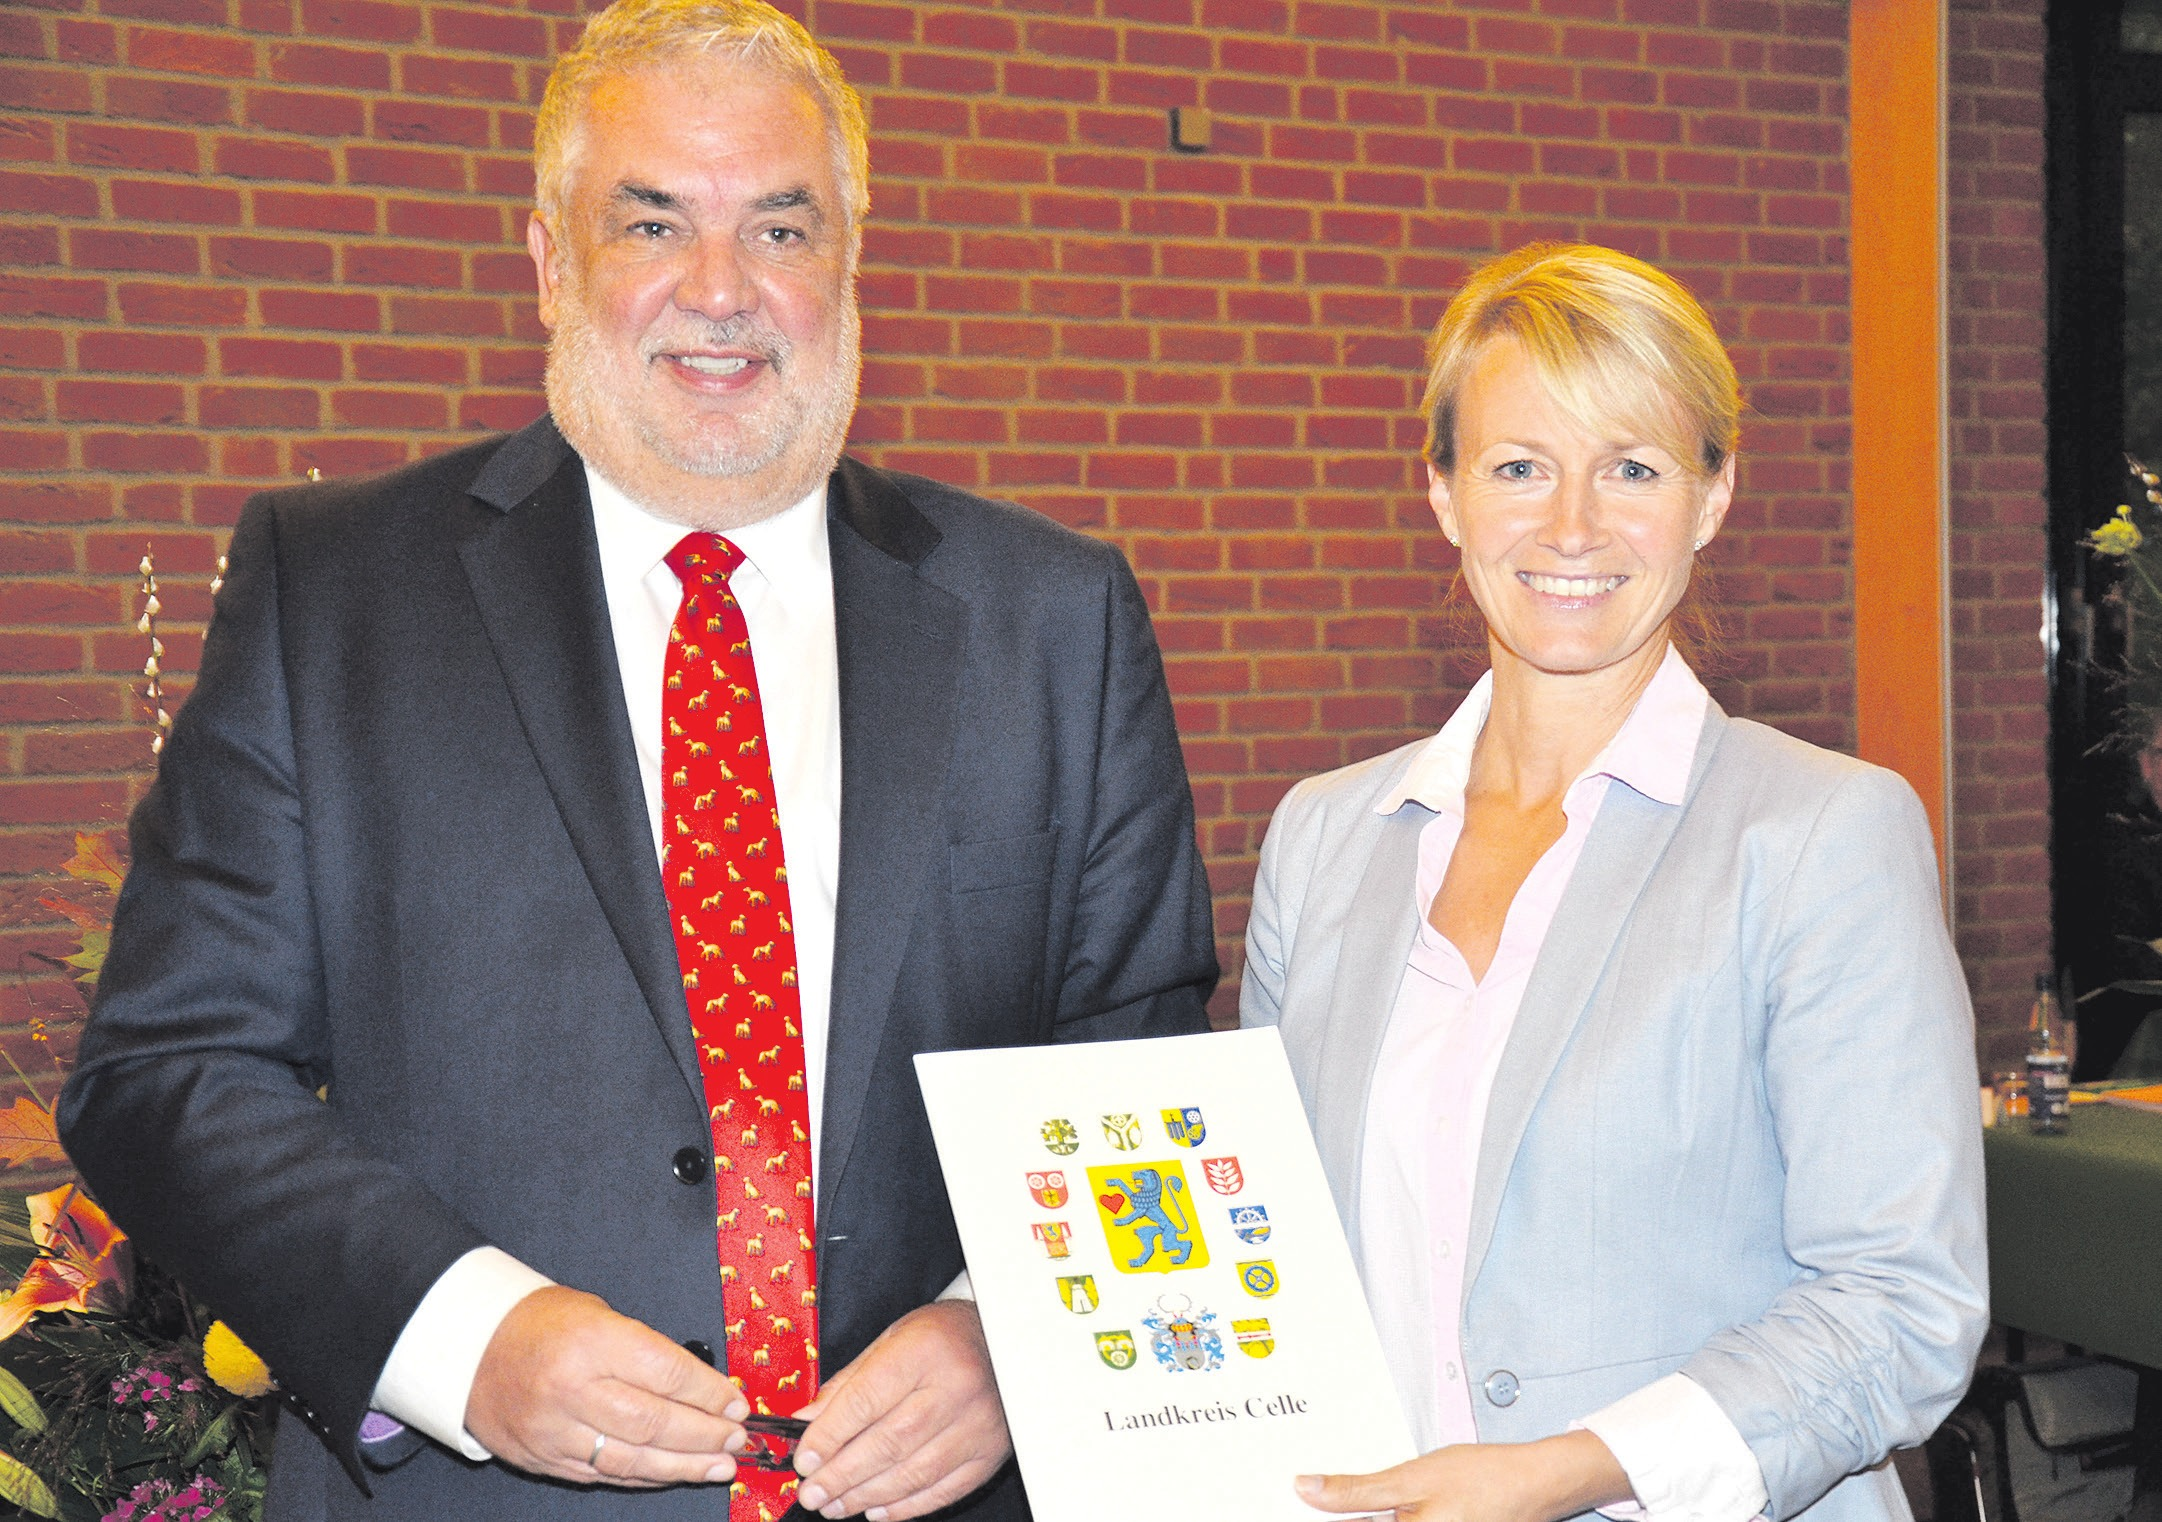 Landrat Klaus Wiswe (links) überreichte der Vorstandsvorsitzenden der Bürgerstiftung Bergen, Nadine Friedrichs (rechts), die Urkunde des Ehrenamtspreises. Foto: Müller